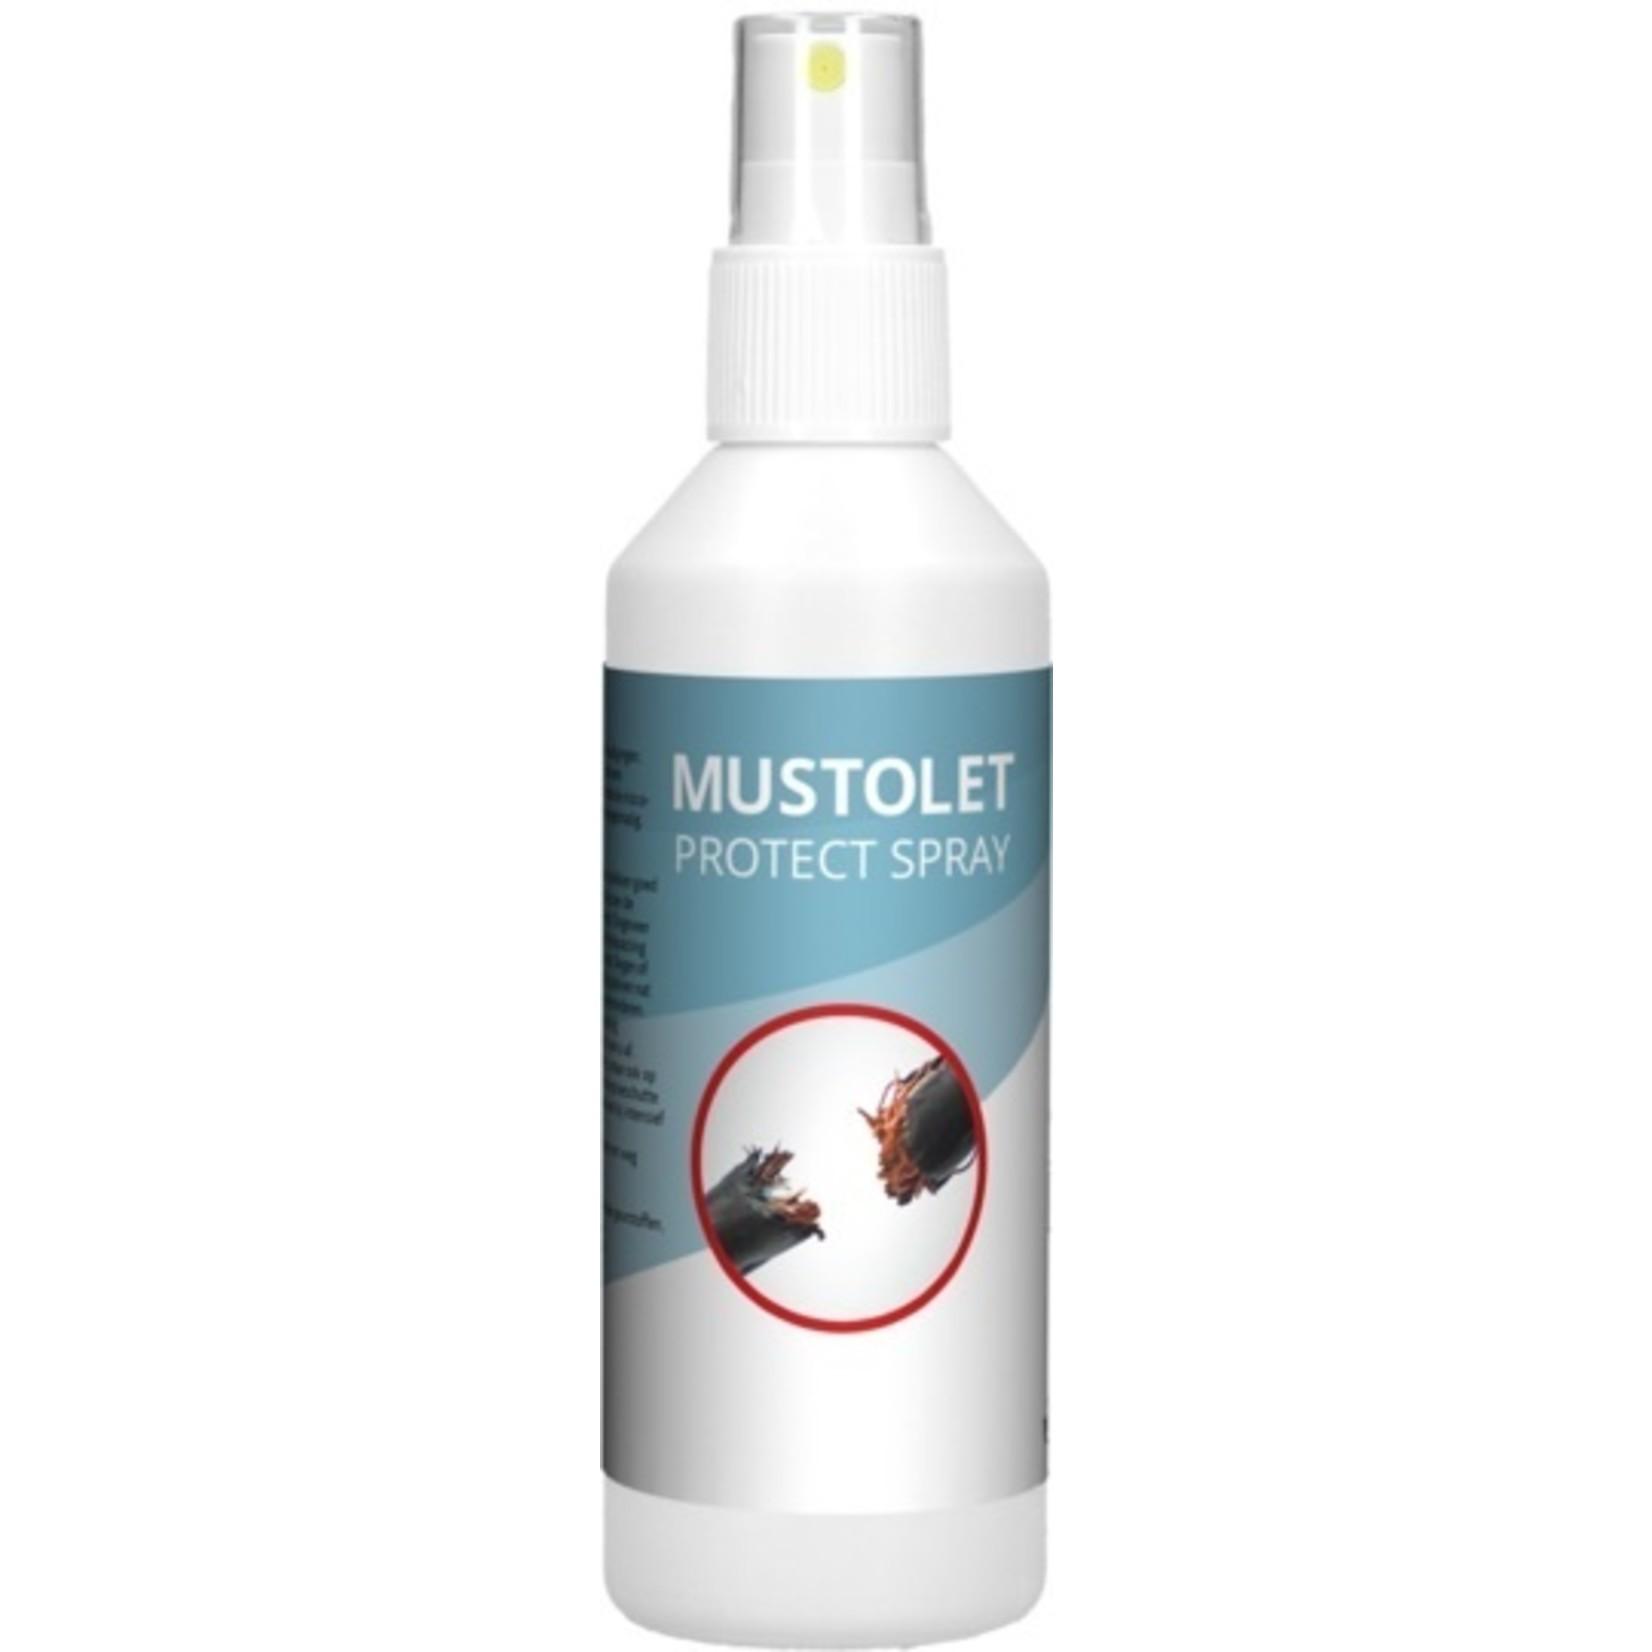 Mustolet Anti-Marter spray 150 ml